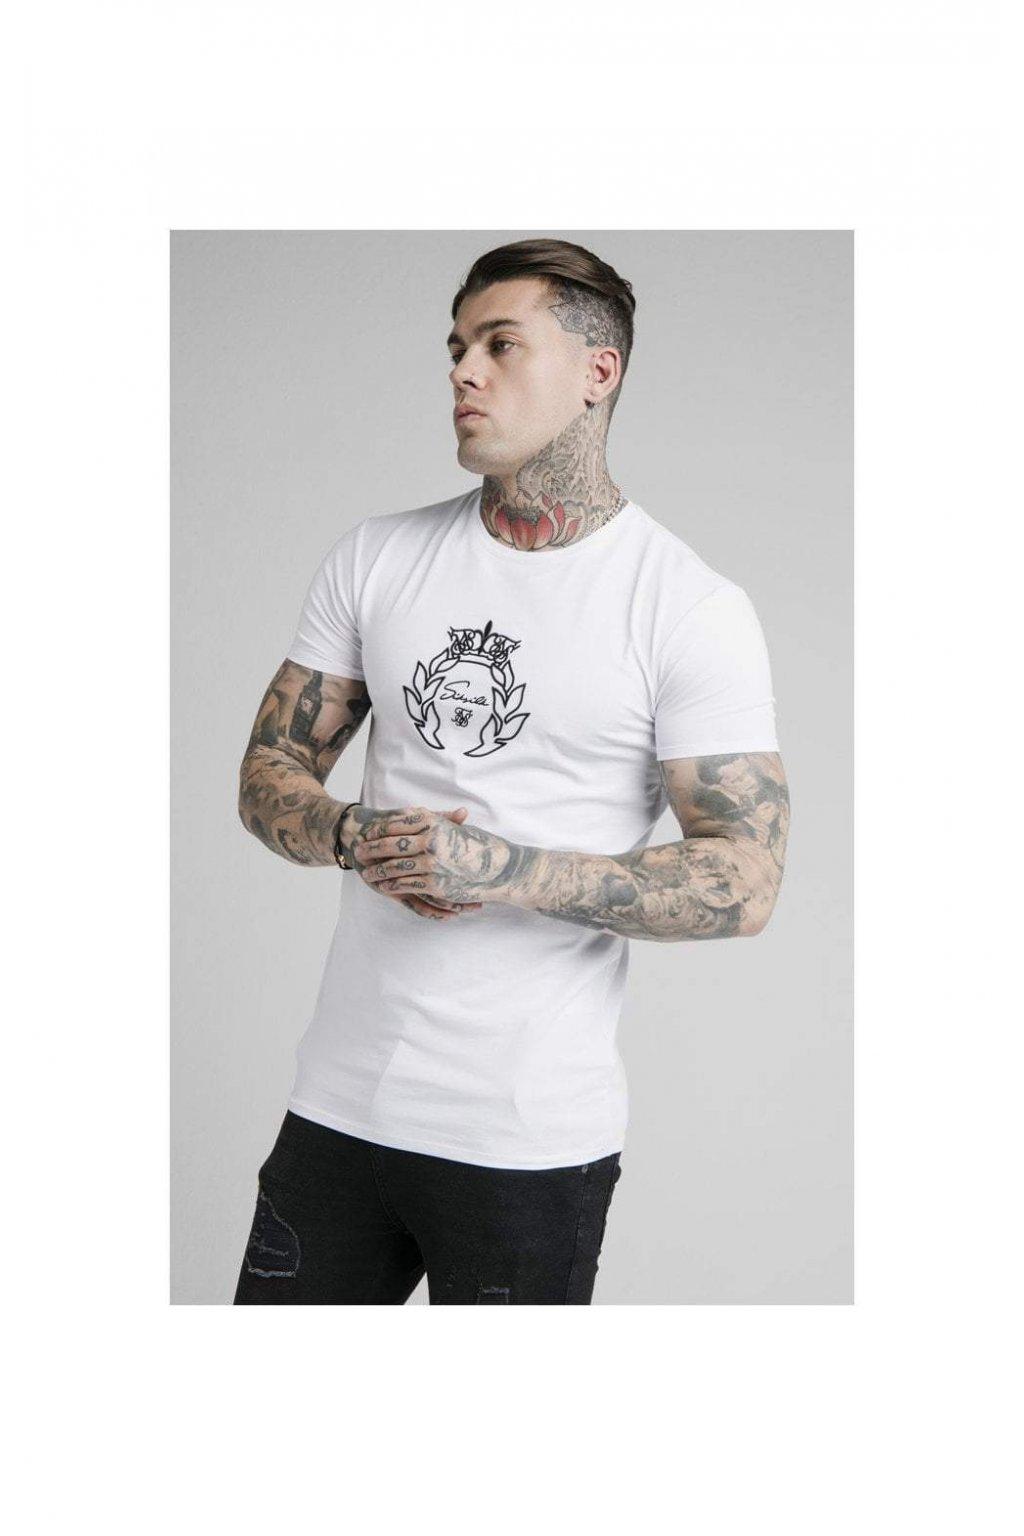 Sik Silk pánske tričko prestige embroidery gym tee